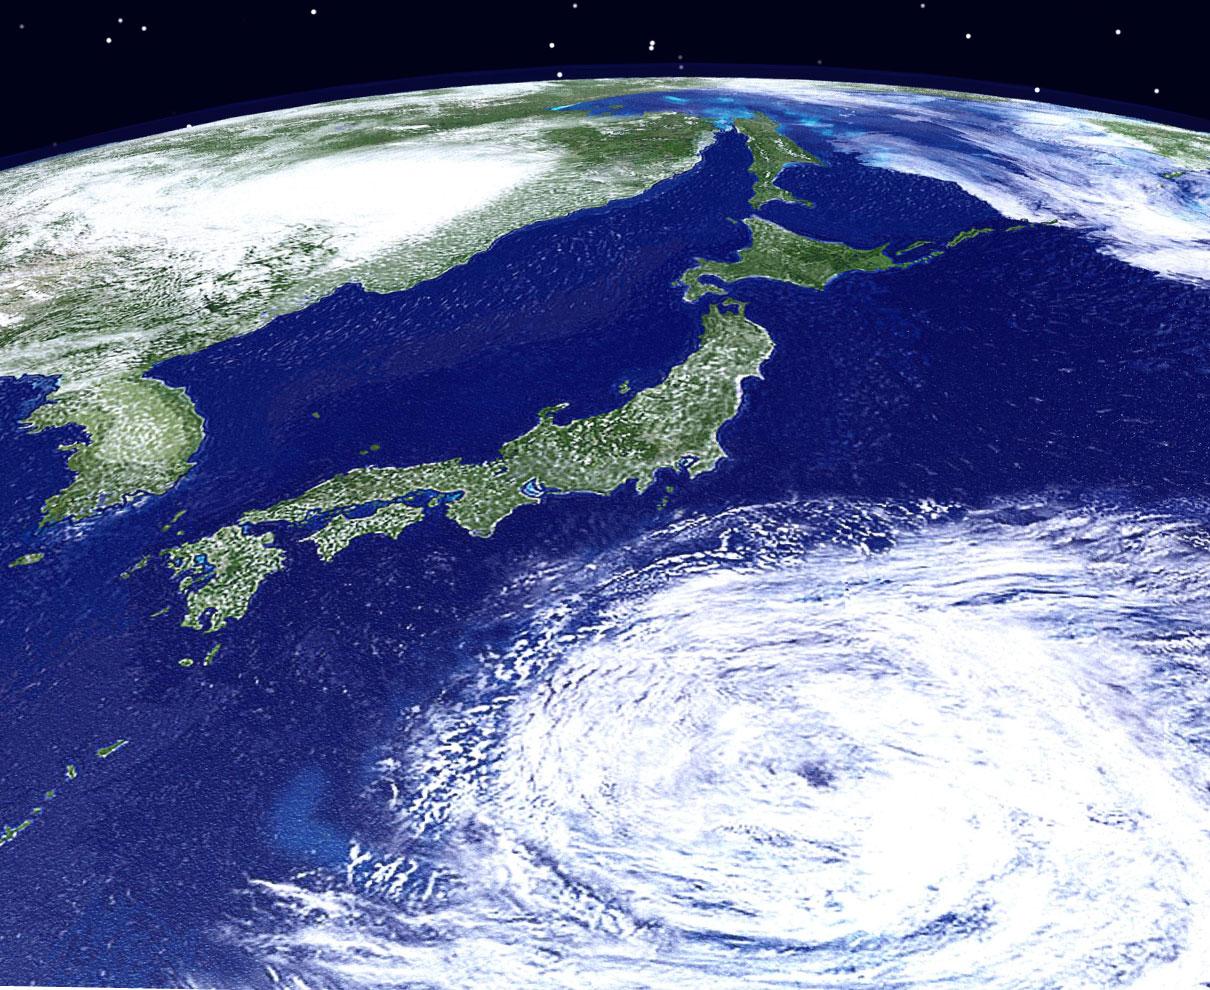 台風の予報円ってご存知?  見方を学んで災害に備えましょ。|気象予報士 二村千津子の風と雲